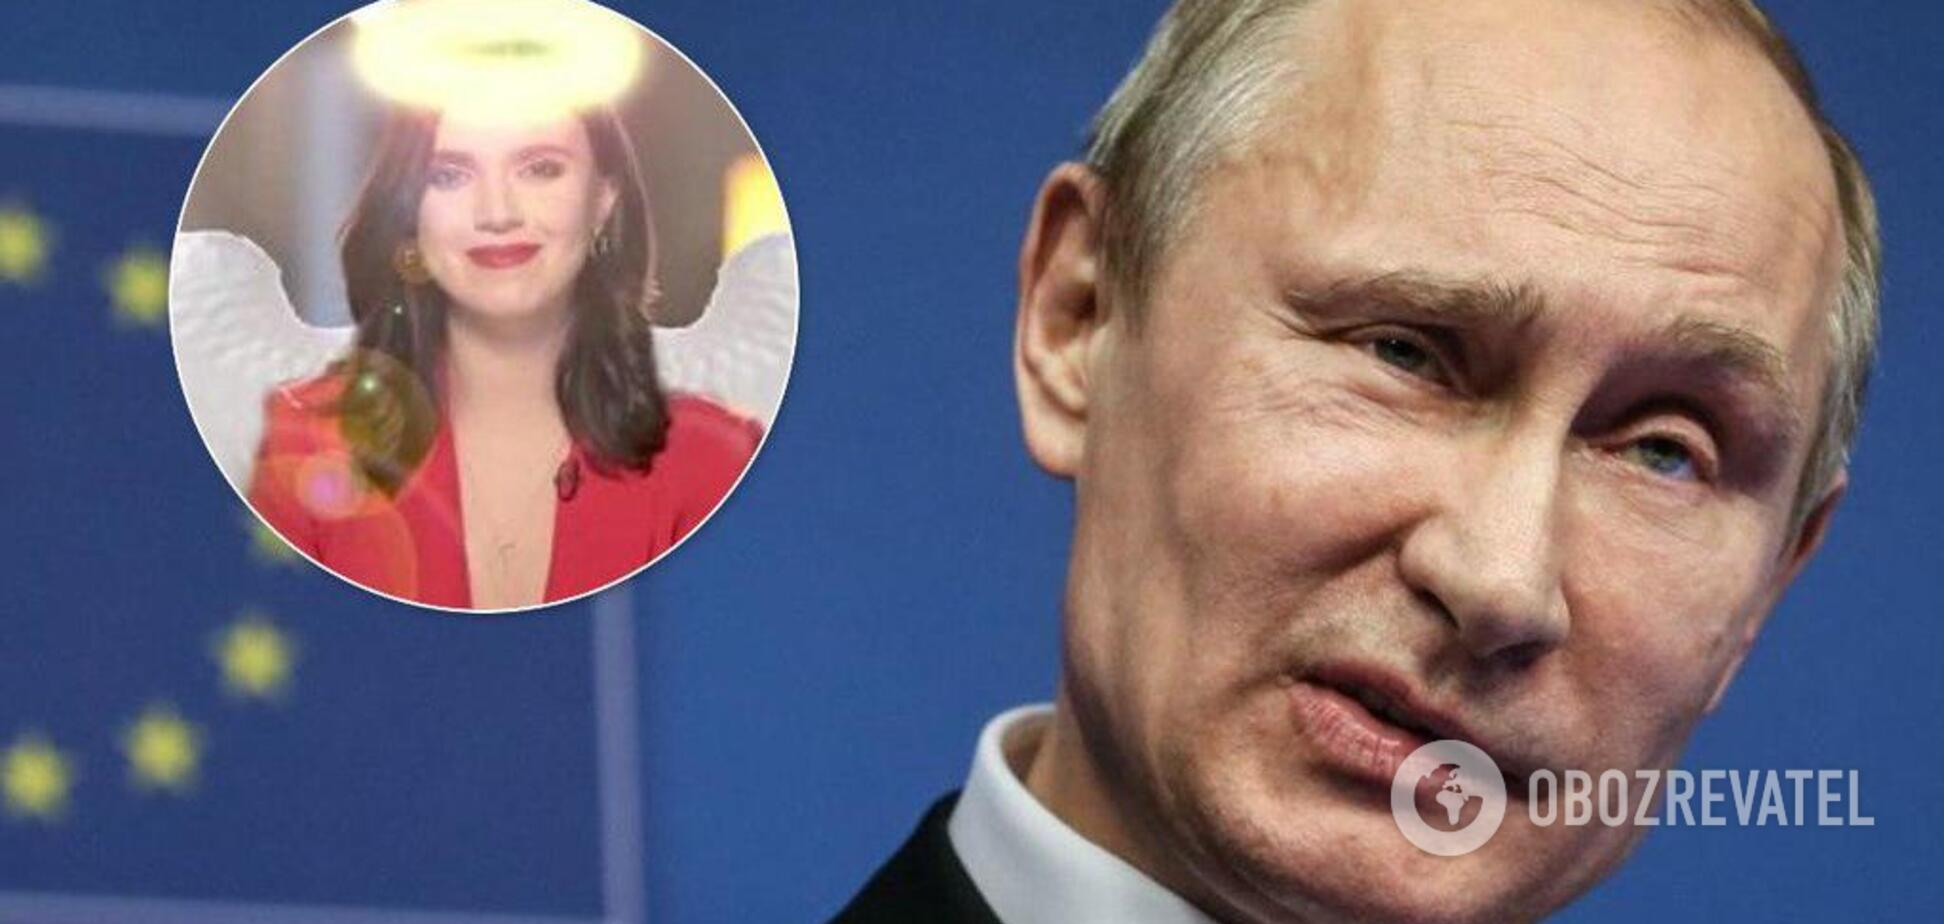 'Щоб Путін сказав: 'Бл*дь!' Соколова дала українцям пораду щодо виборів